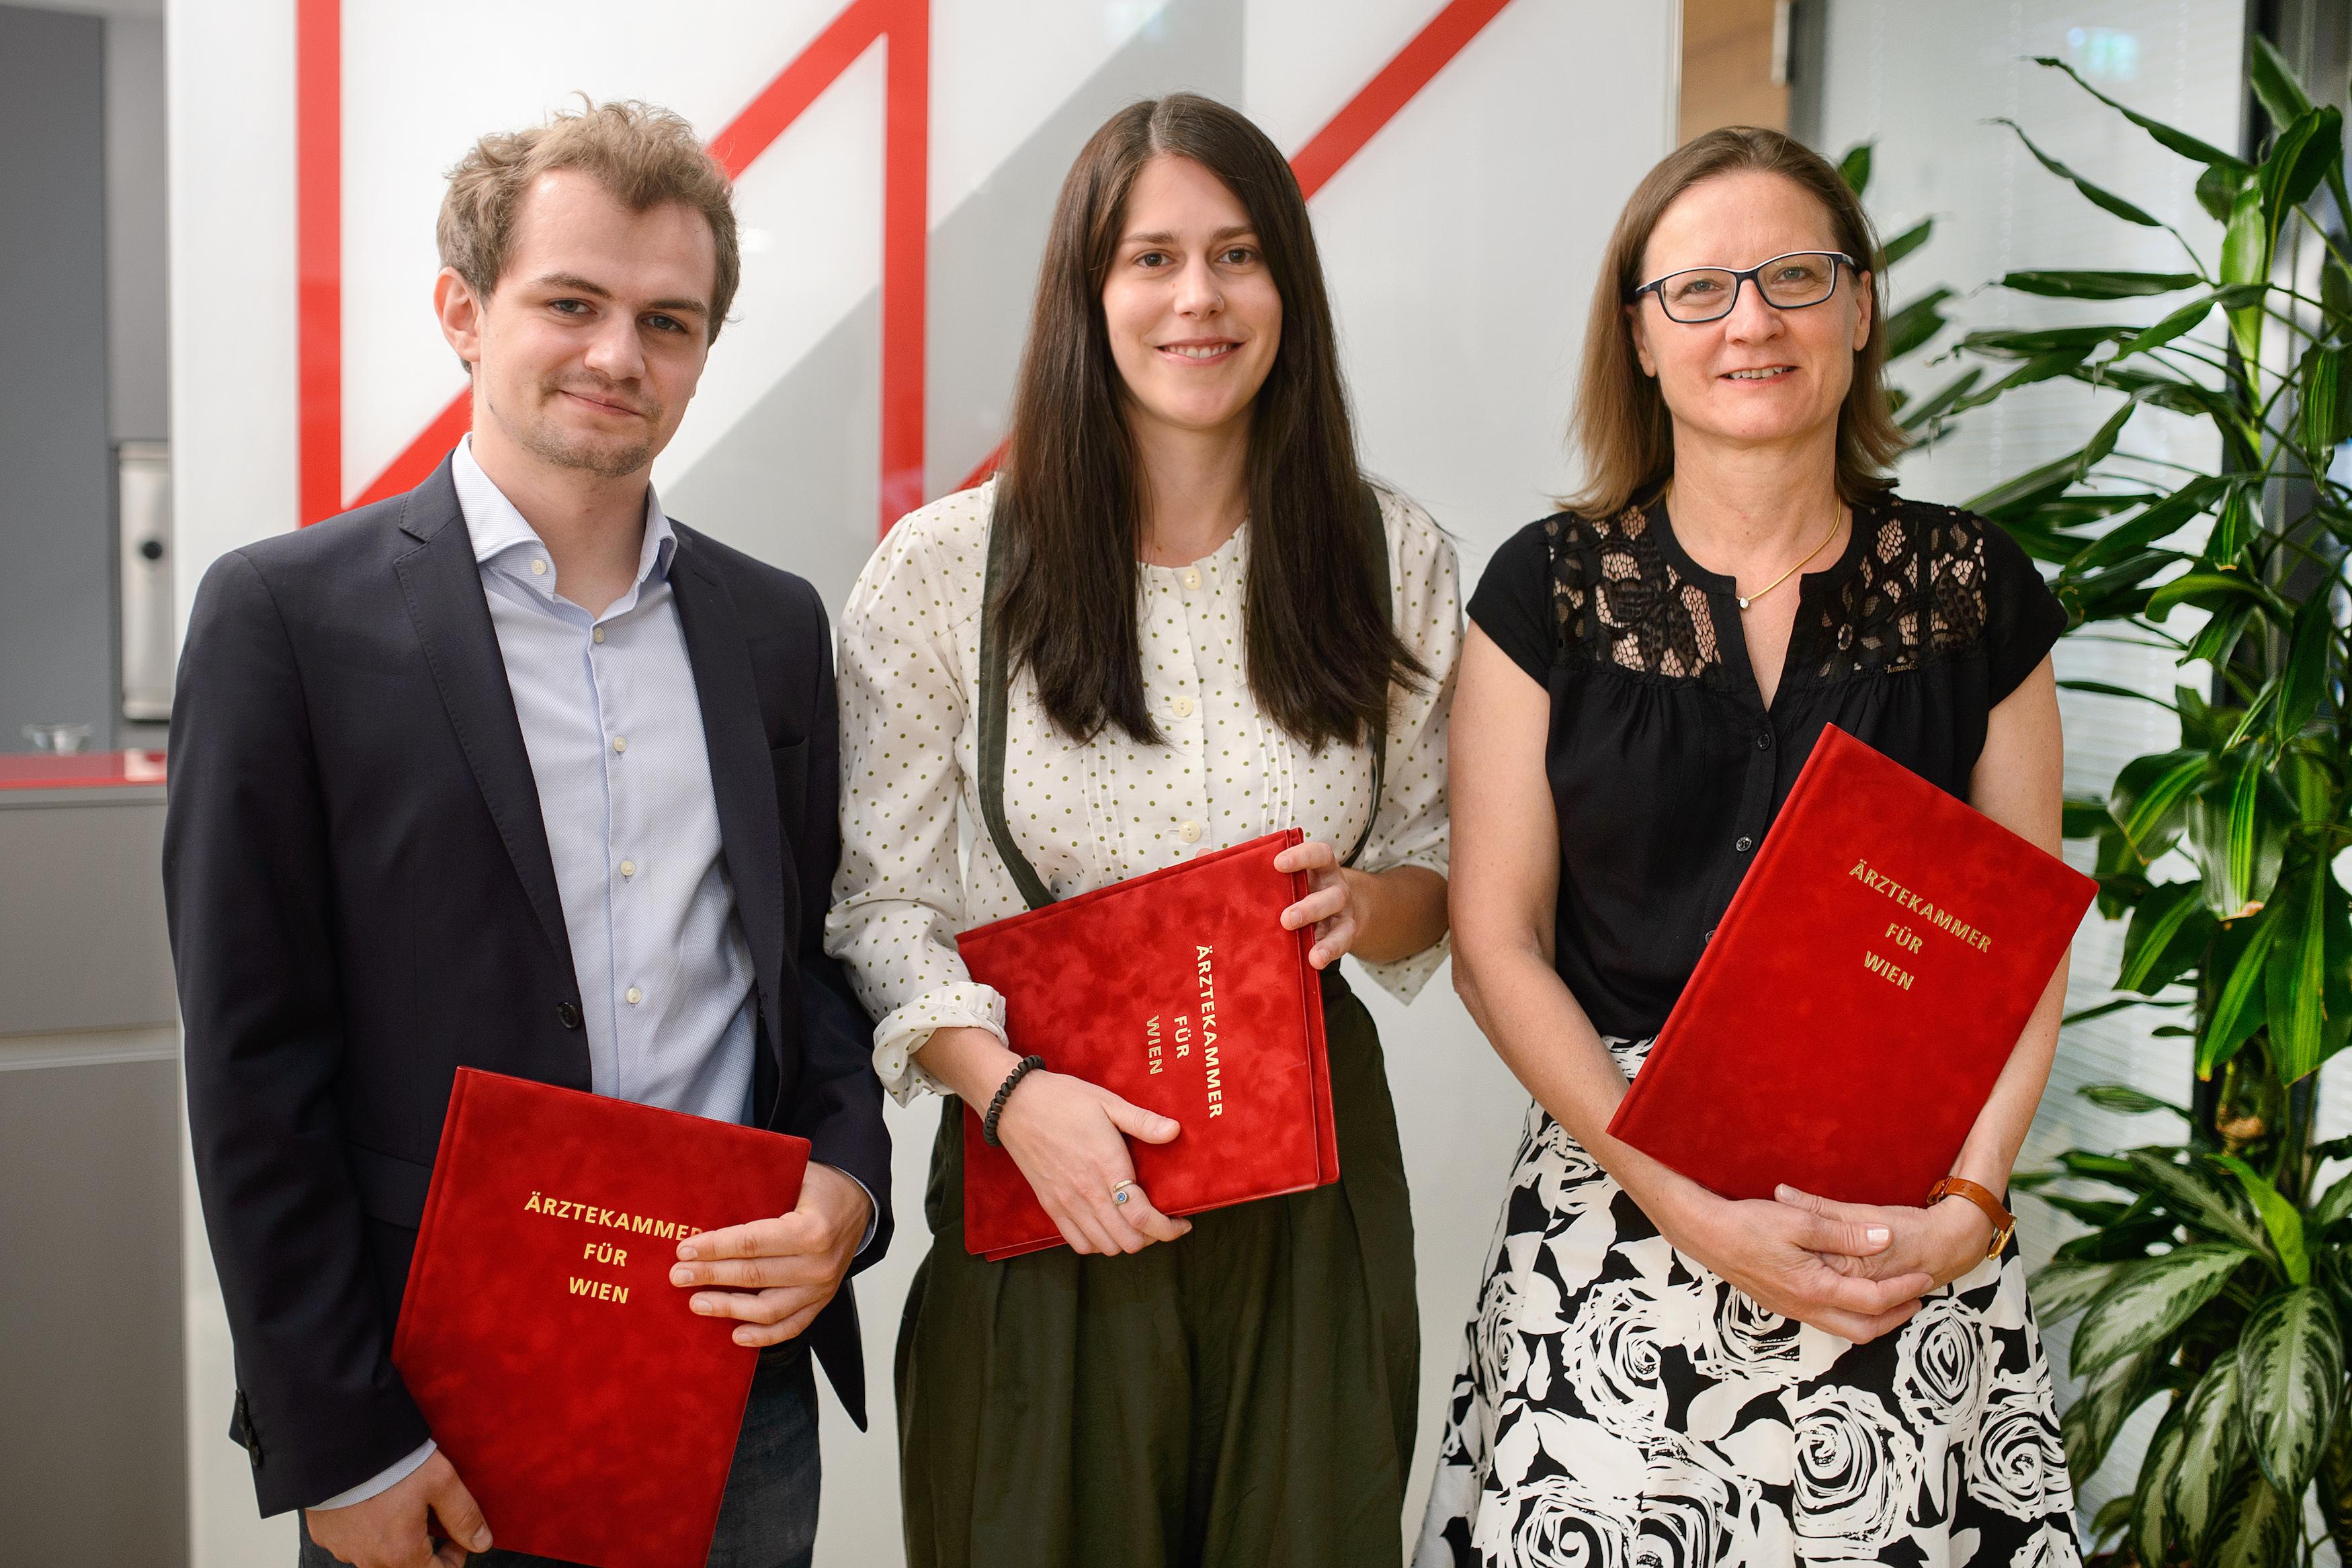 Ärztekammer Wien vergibt Pressepreis 2018